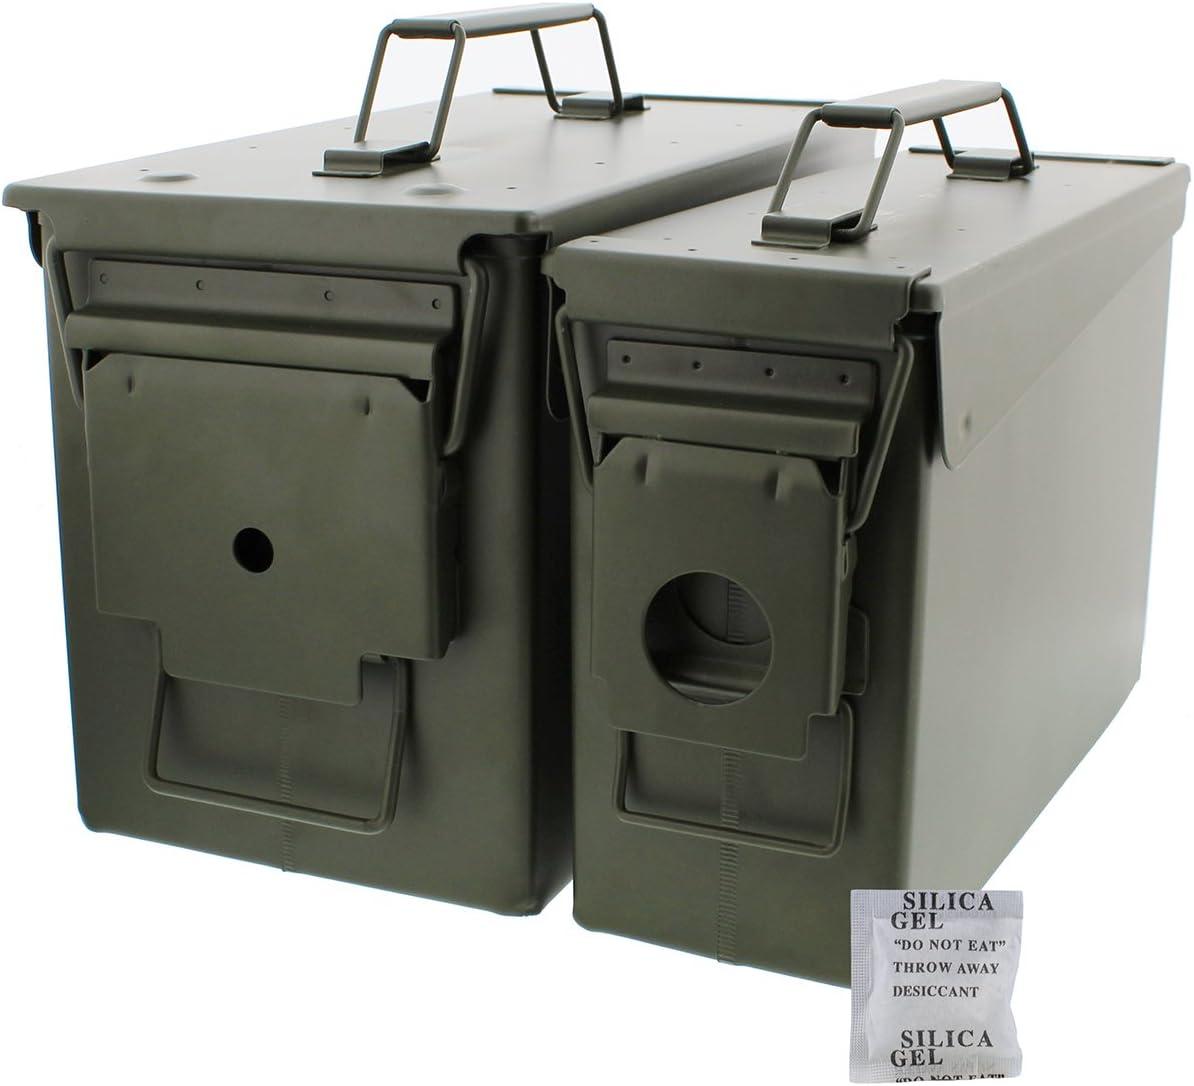 30 y 50 Cal metal munición puede 2-Pack – Militar ejército caja sólida de soporte de acero Set para A Largo Plazo escopeta Rifle munición almacenamiento: Amazon.es: Deportes y aire libre